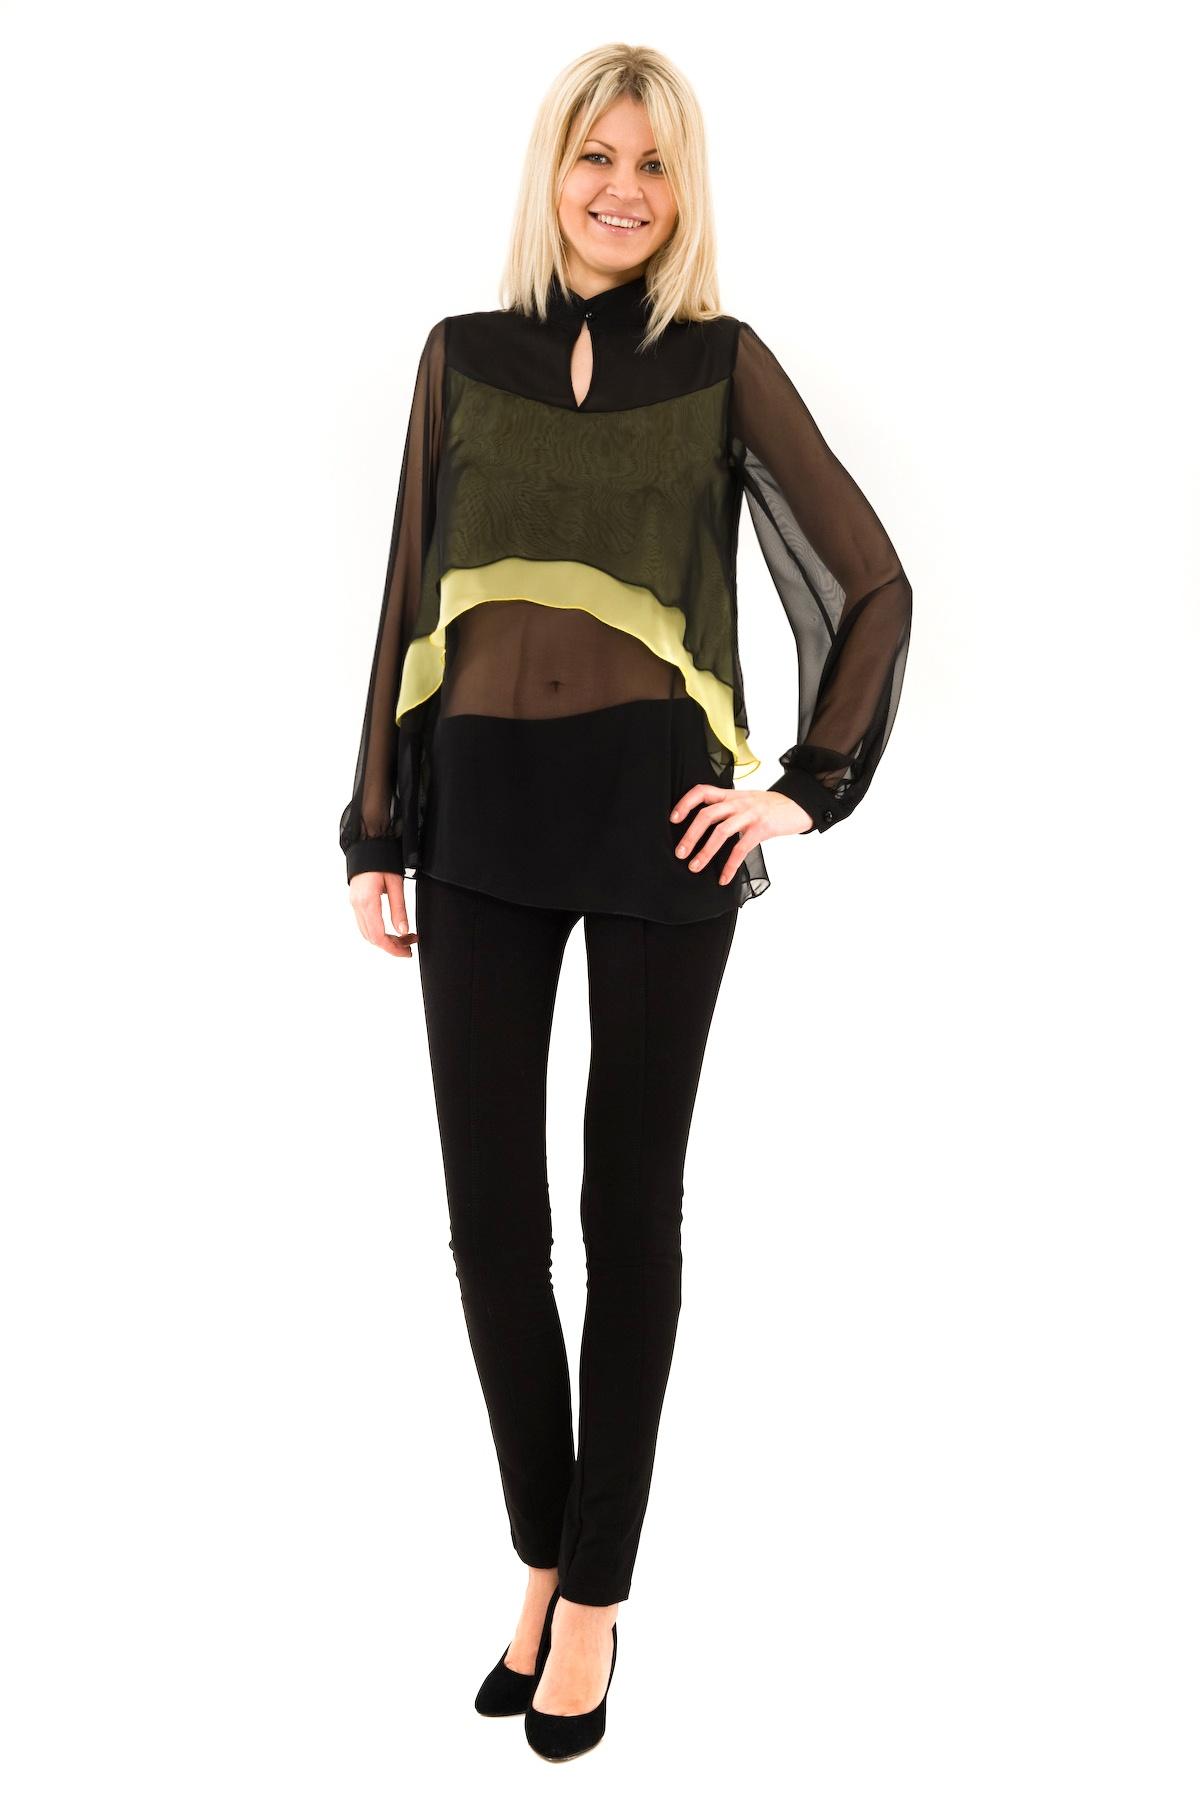 БлузаЖенские блузки<br>Привлекательная блузка создаст шикарный образ. Модель приталенного кроя выполнена с оригинальным многослойным эффектом. Будьте бесподобны в этом эффектном изделии.<br><br>Цвет: черный,желтый<br>Состав: 100% полиэстер<br>Размер: 40,42<br>Страна дизайна: Россия<br>Страна производства: Россия